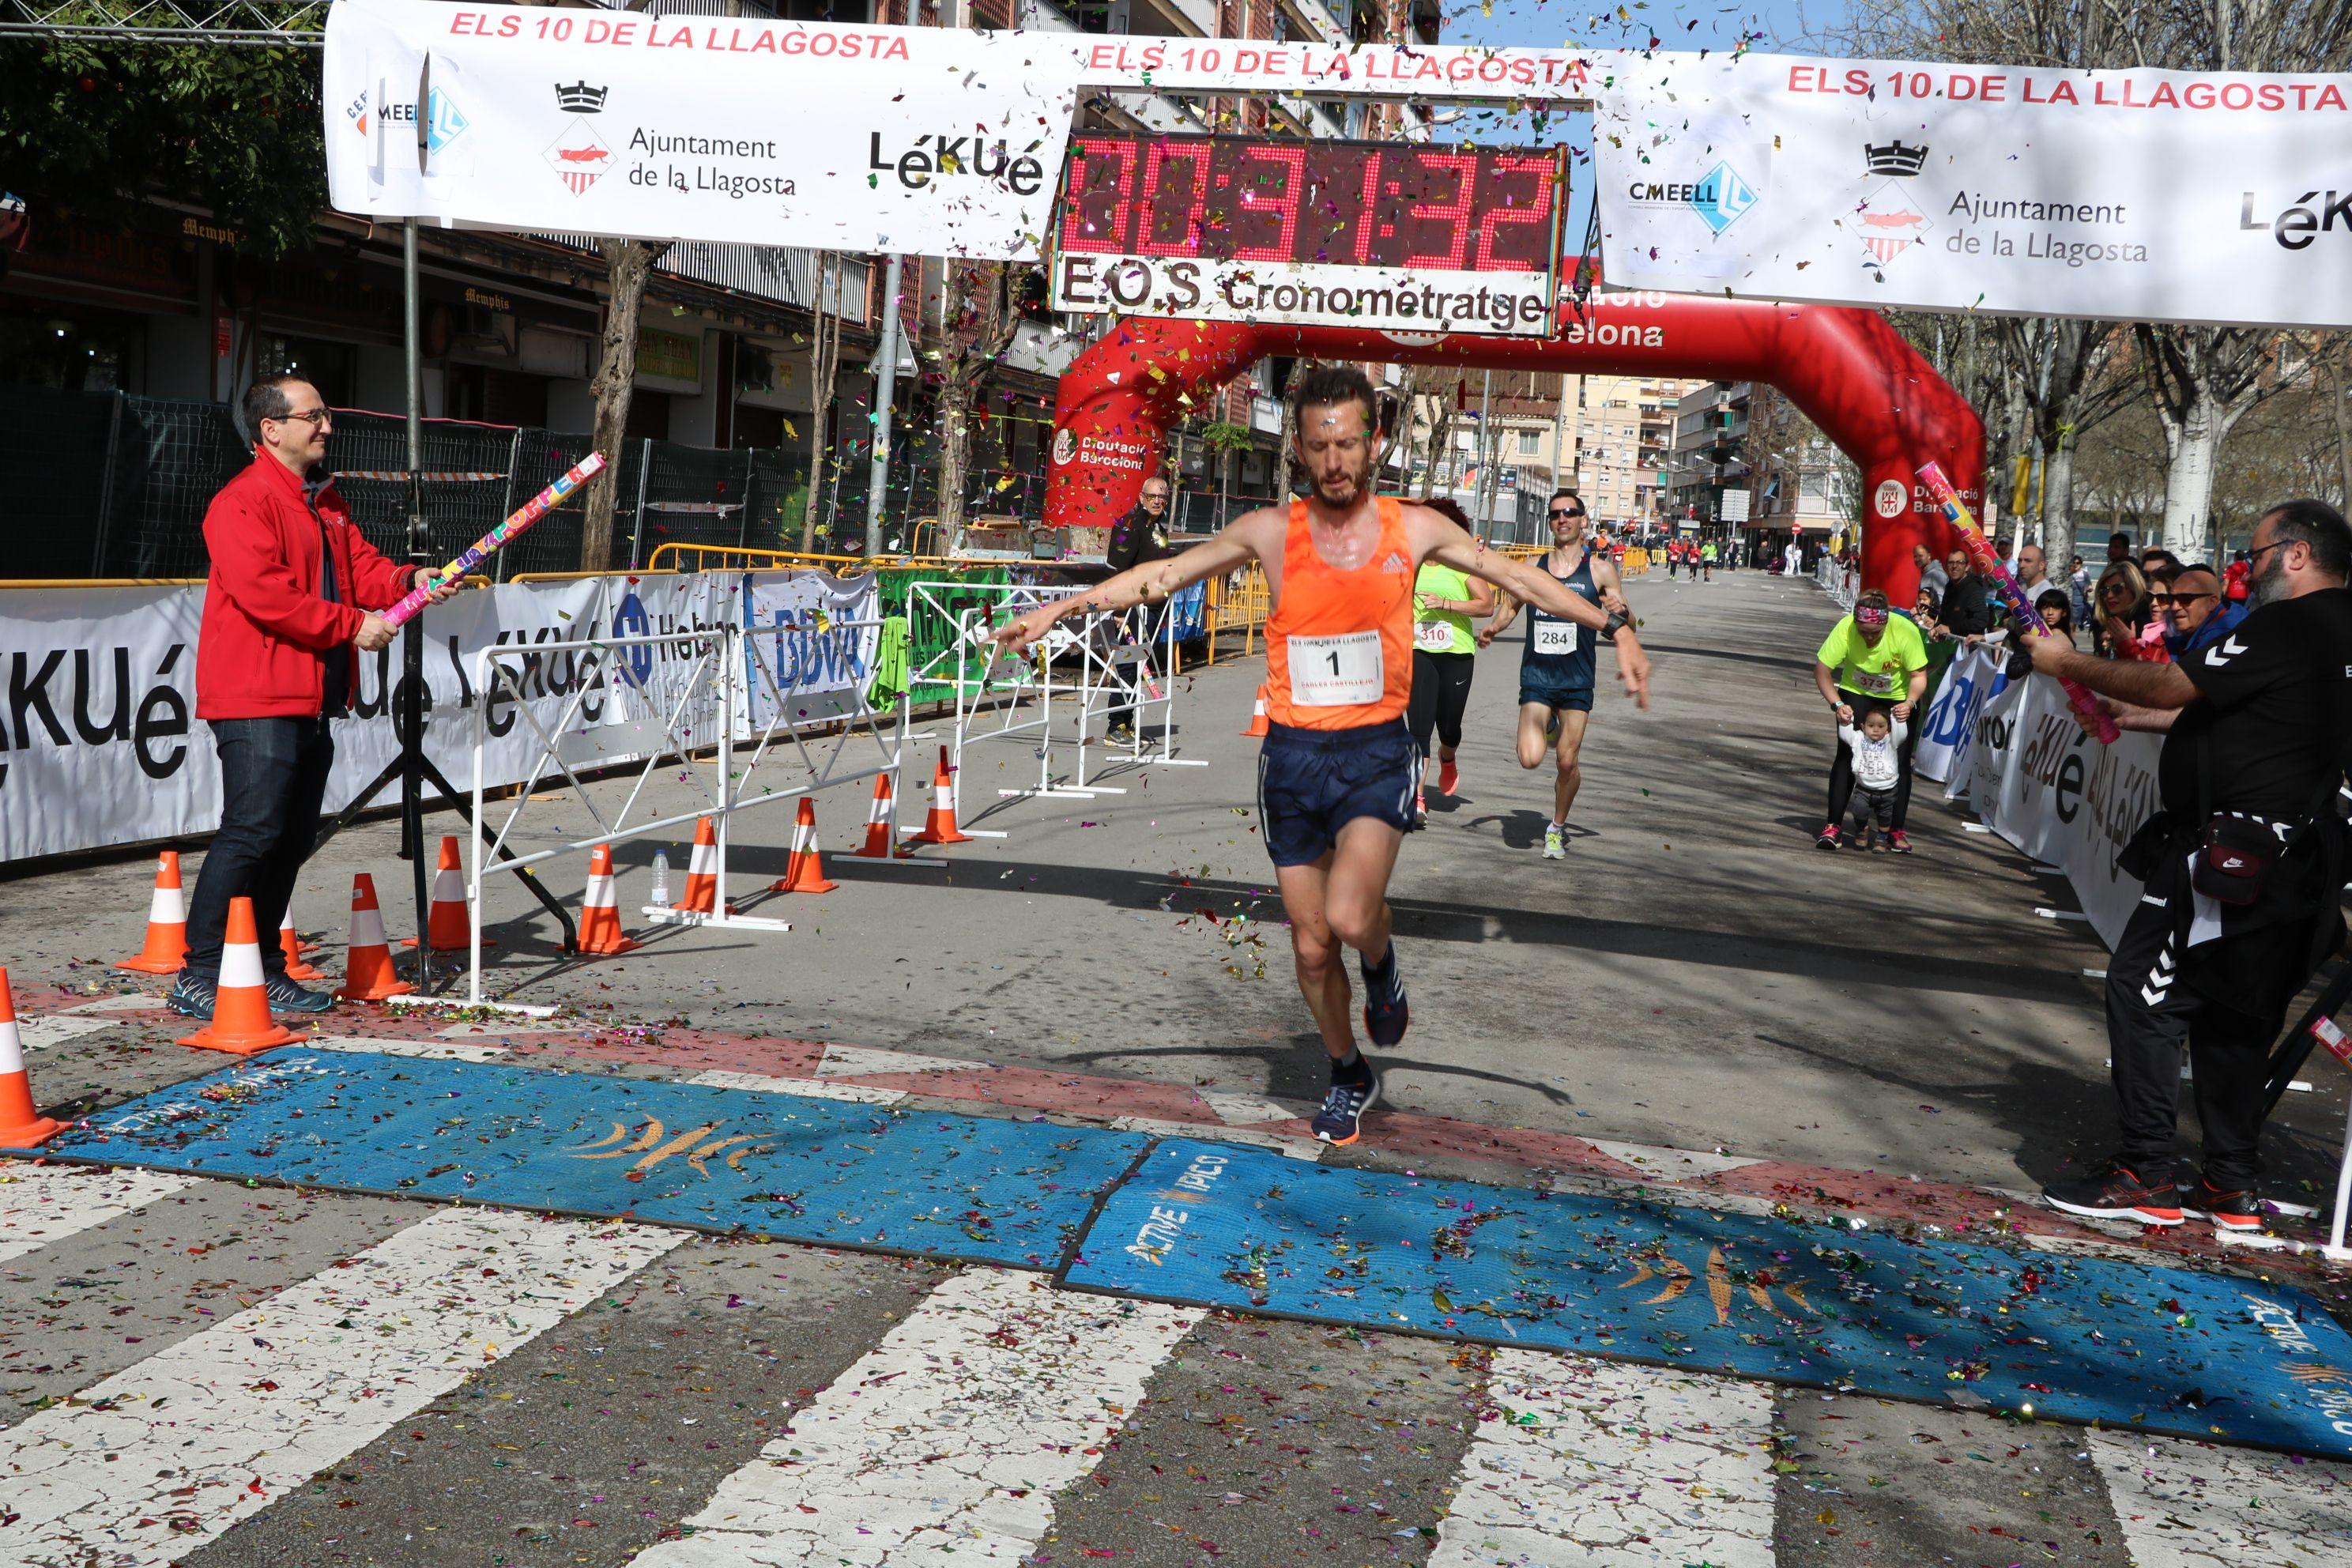 L'olímpic Carles Castillejo guanya la Cursa Popular Els 10 de la Llagosta